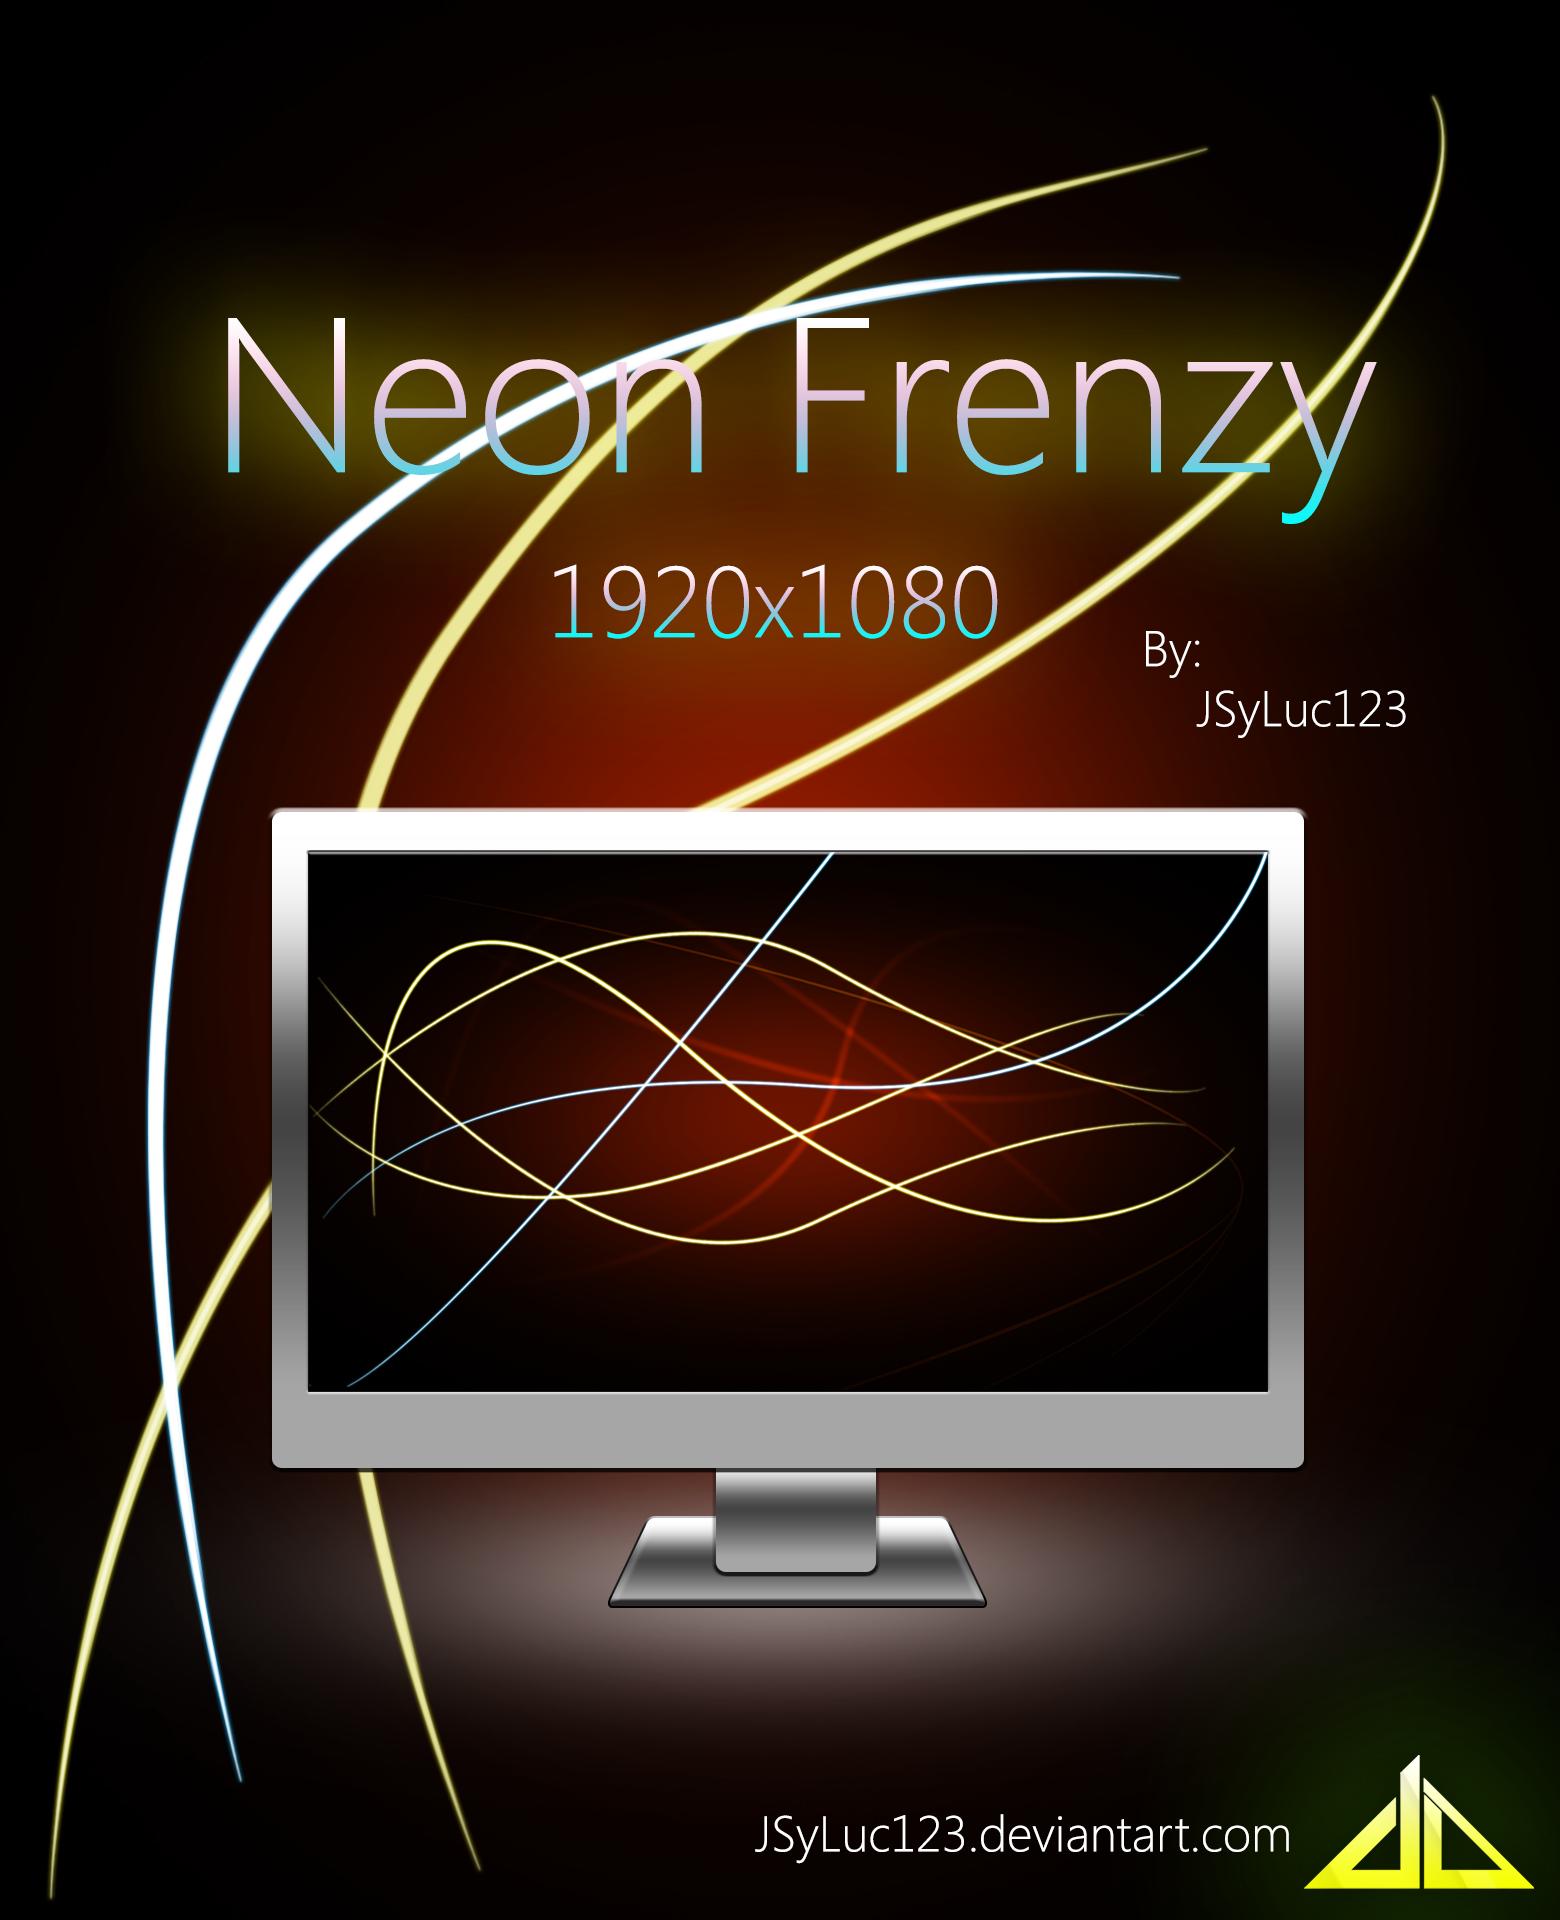 Neon Frenzy by JSyLuc123